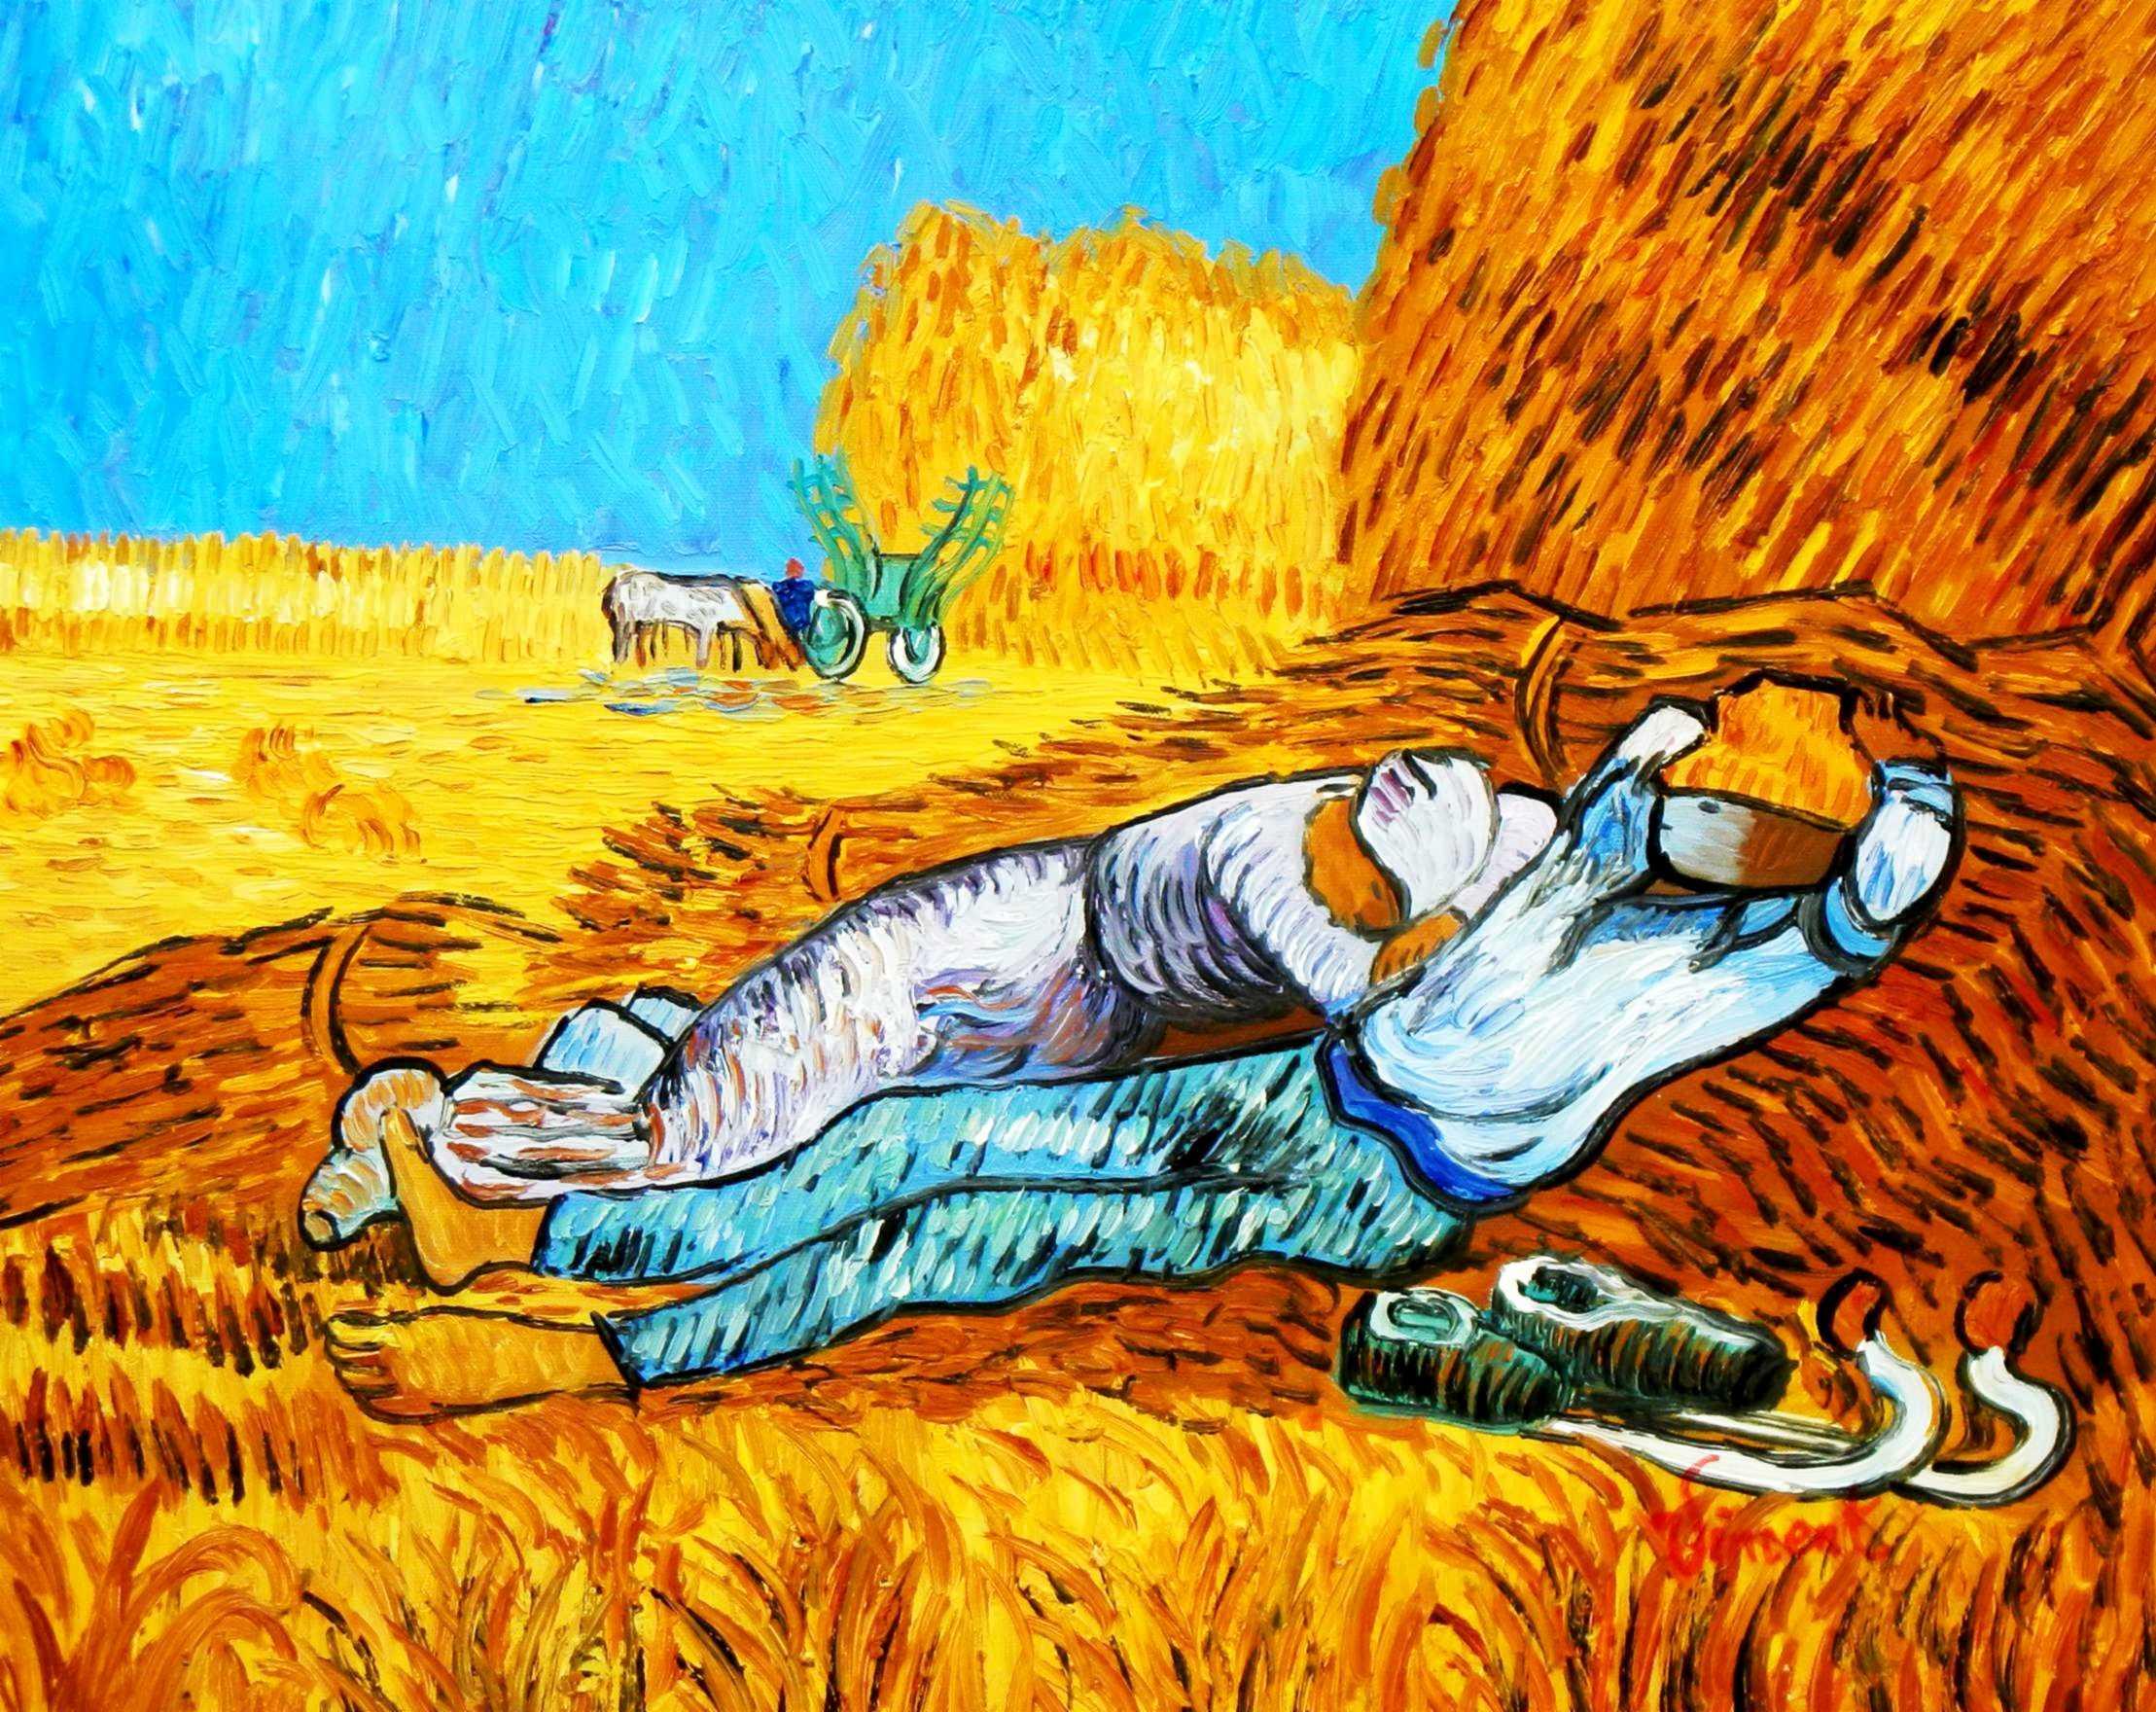 Vincent van Gogh - Ernterast b94793 40x50cm handgemaltes Ölgemälde